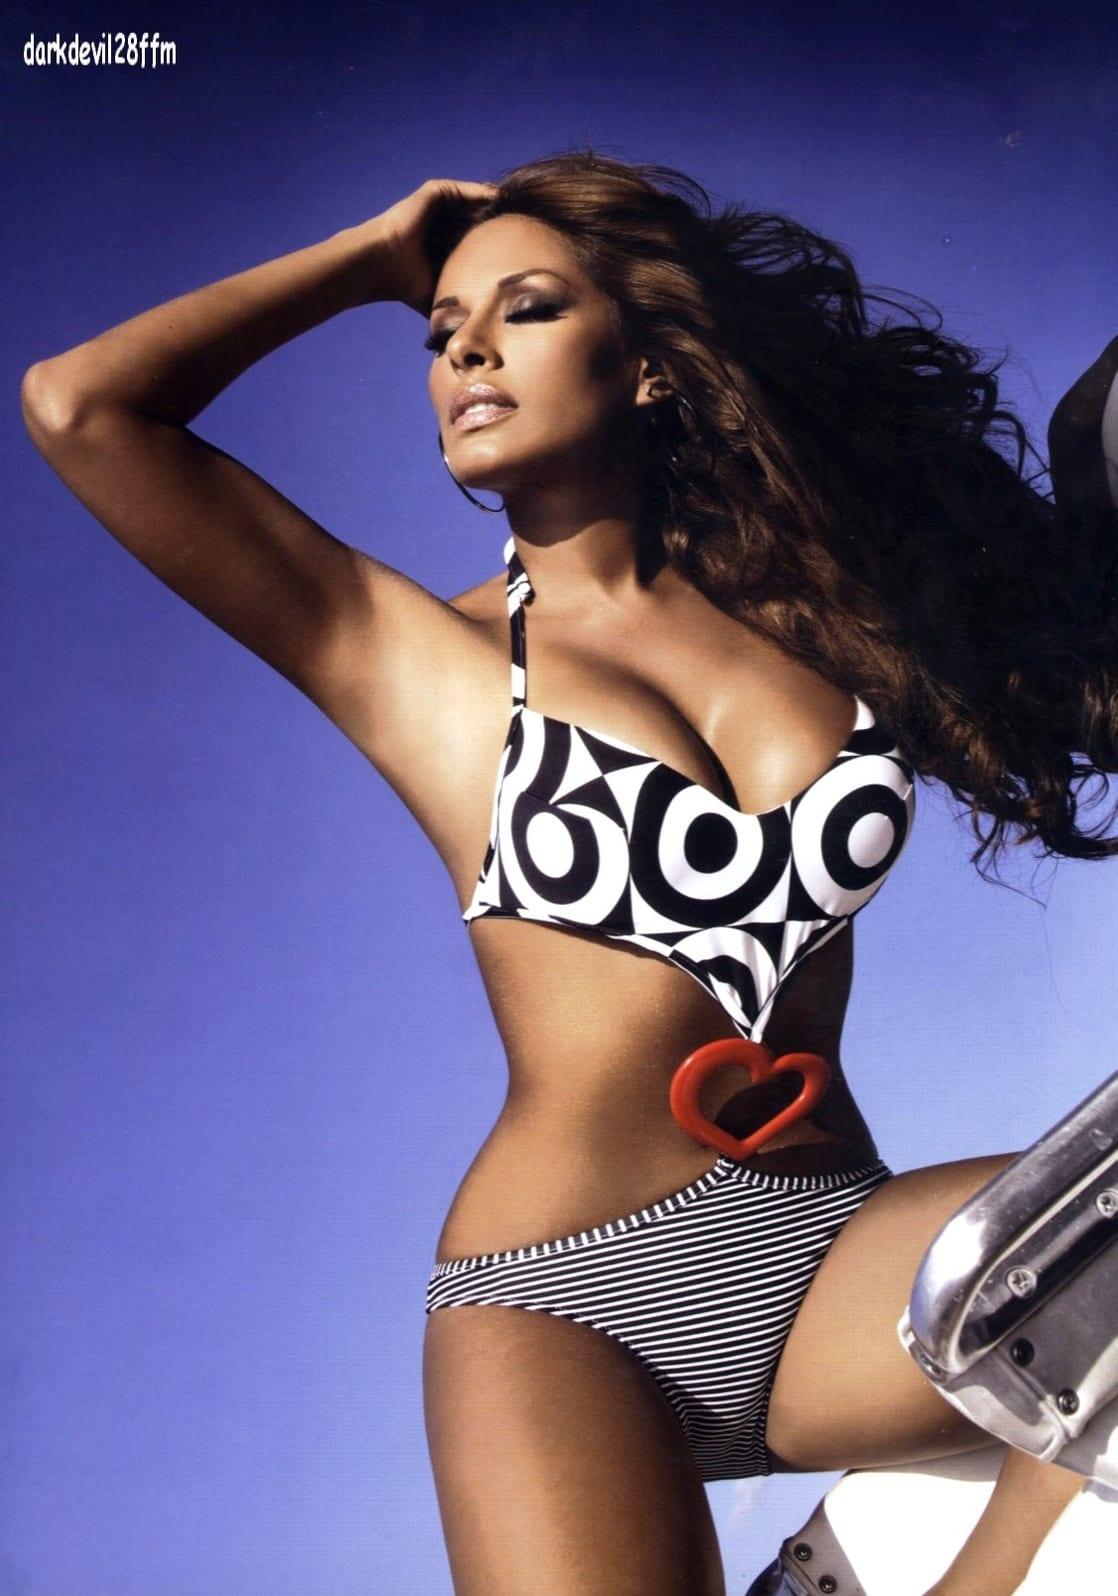 Galilea montijo bikini, youthful nude girl